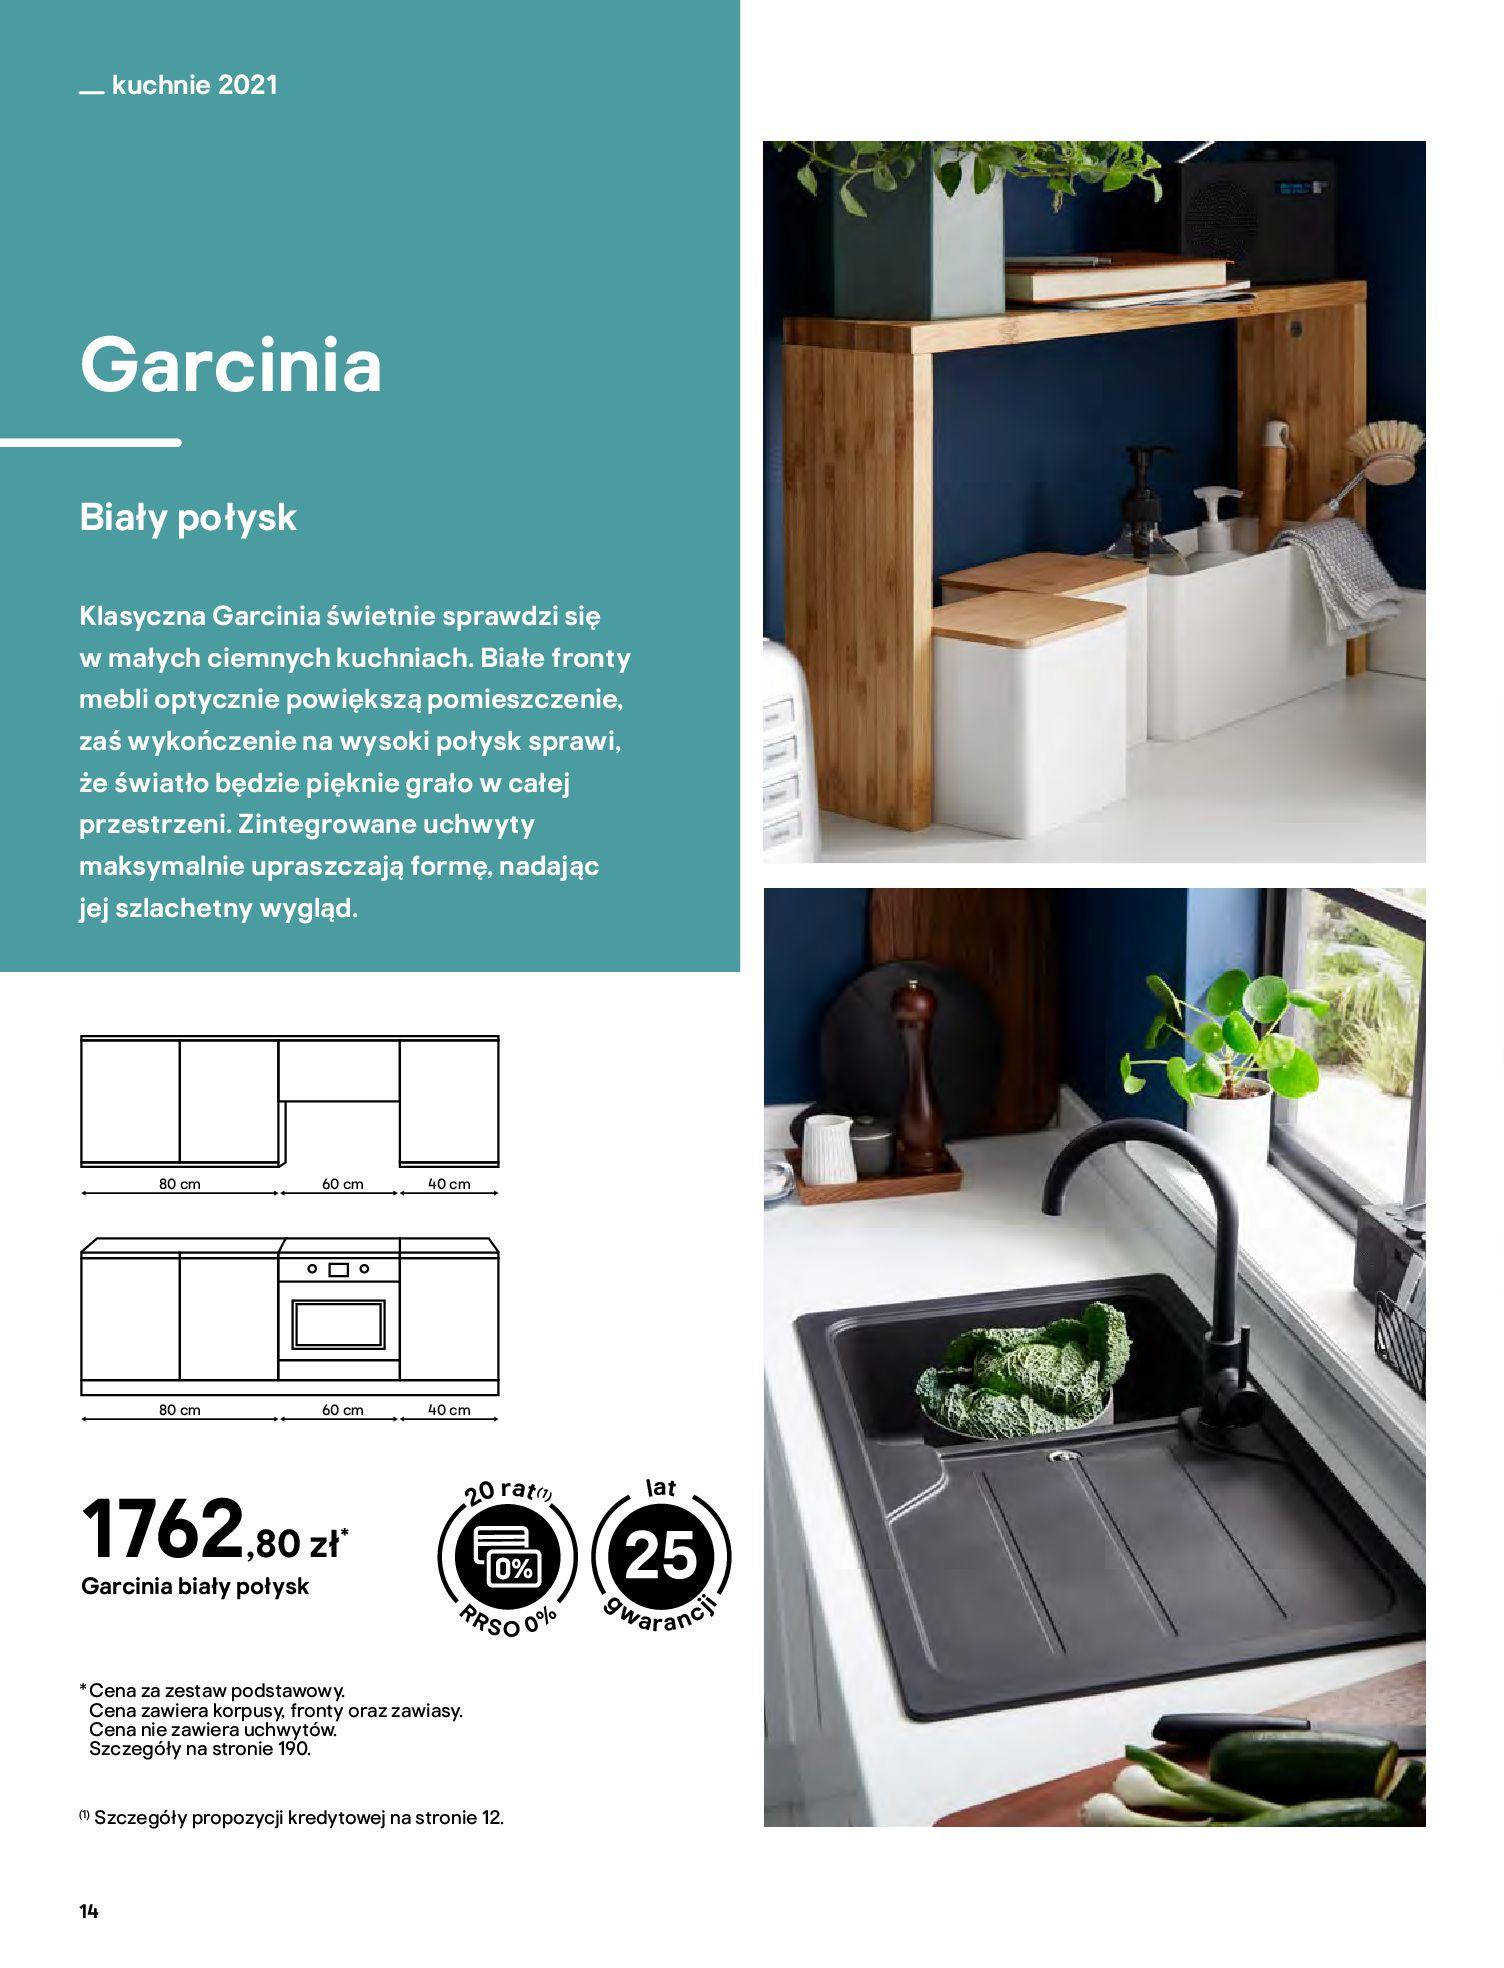 Gazetka Castorama: Katalog kuchnie 2021 2021-05-04 page-14